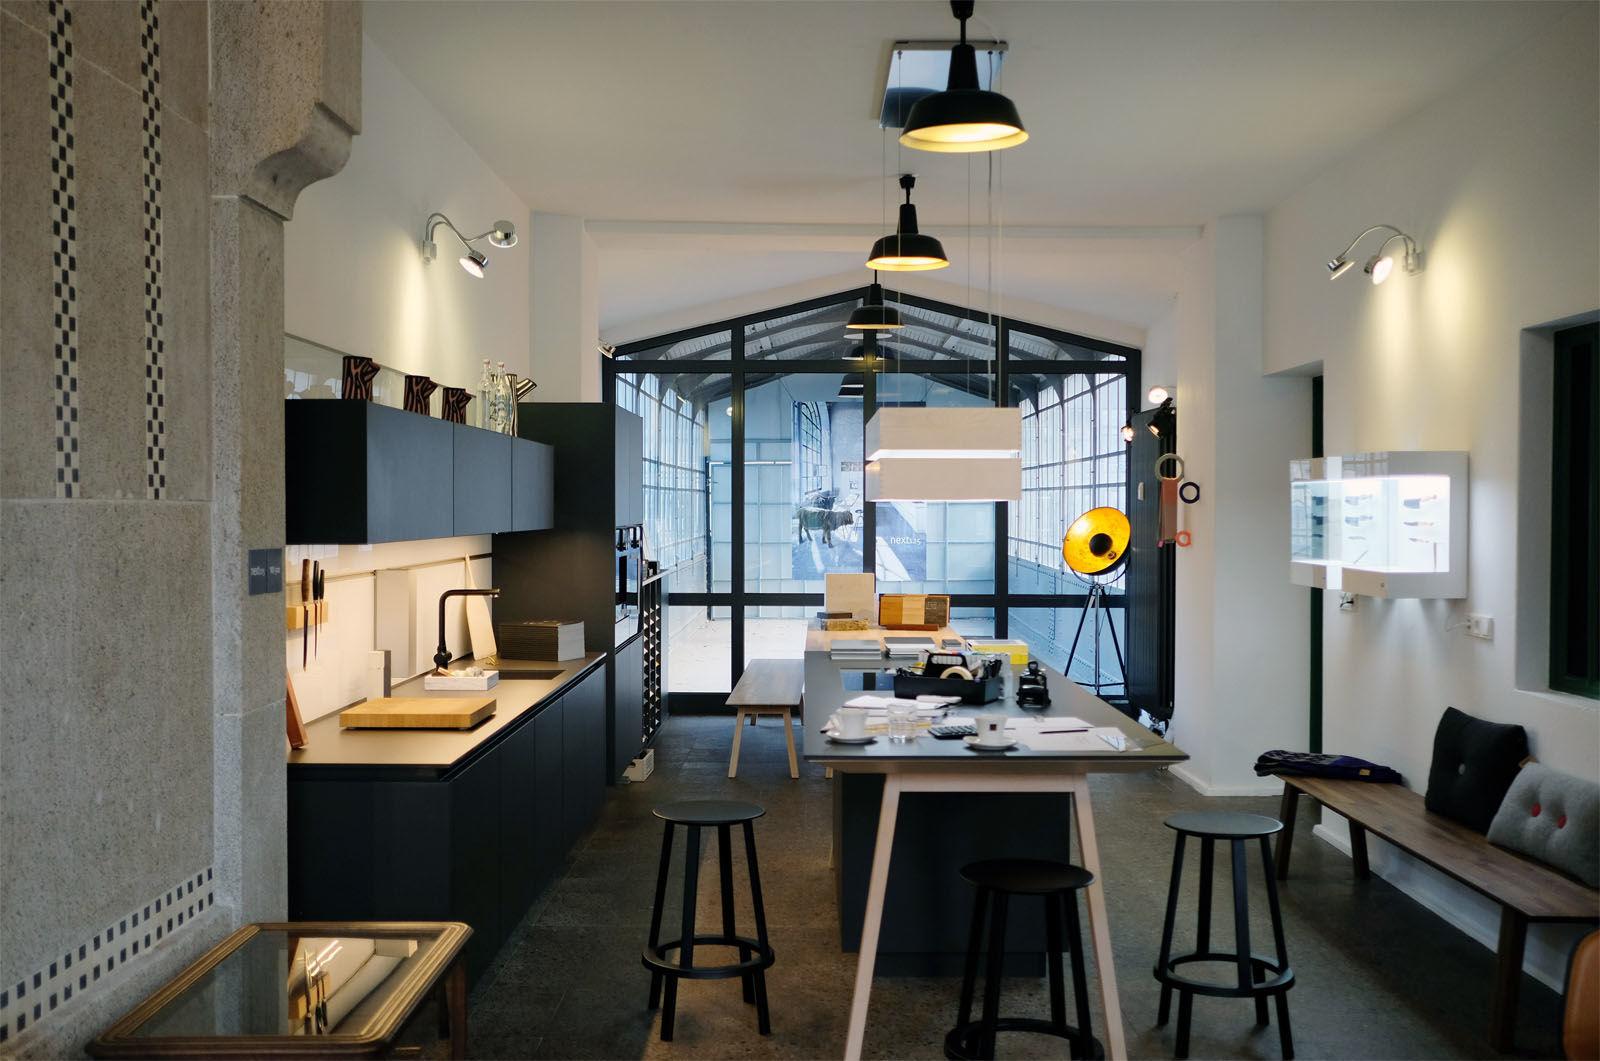 stein holz stahl k chen f r drinnen und drau en am s bahnhof botanischer garten berlin. Black Bedroom Furniture Sets. Home Design Ideas